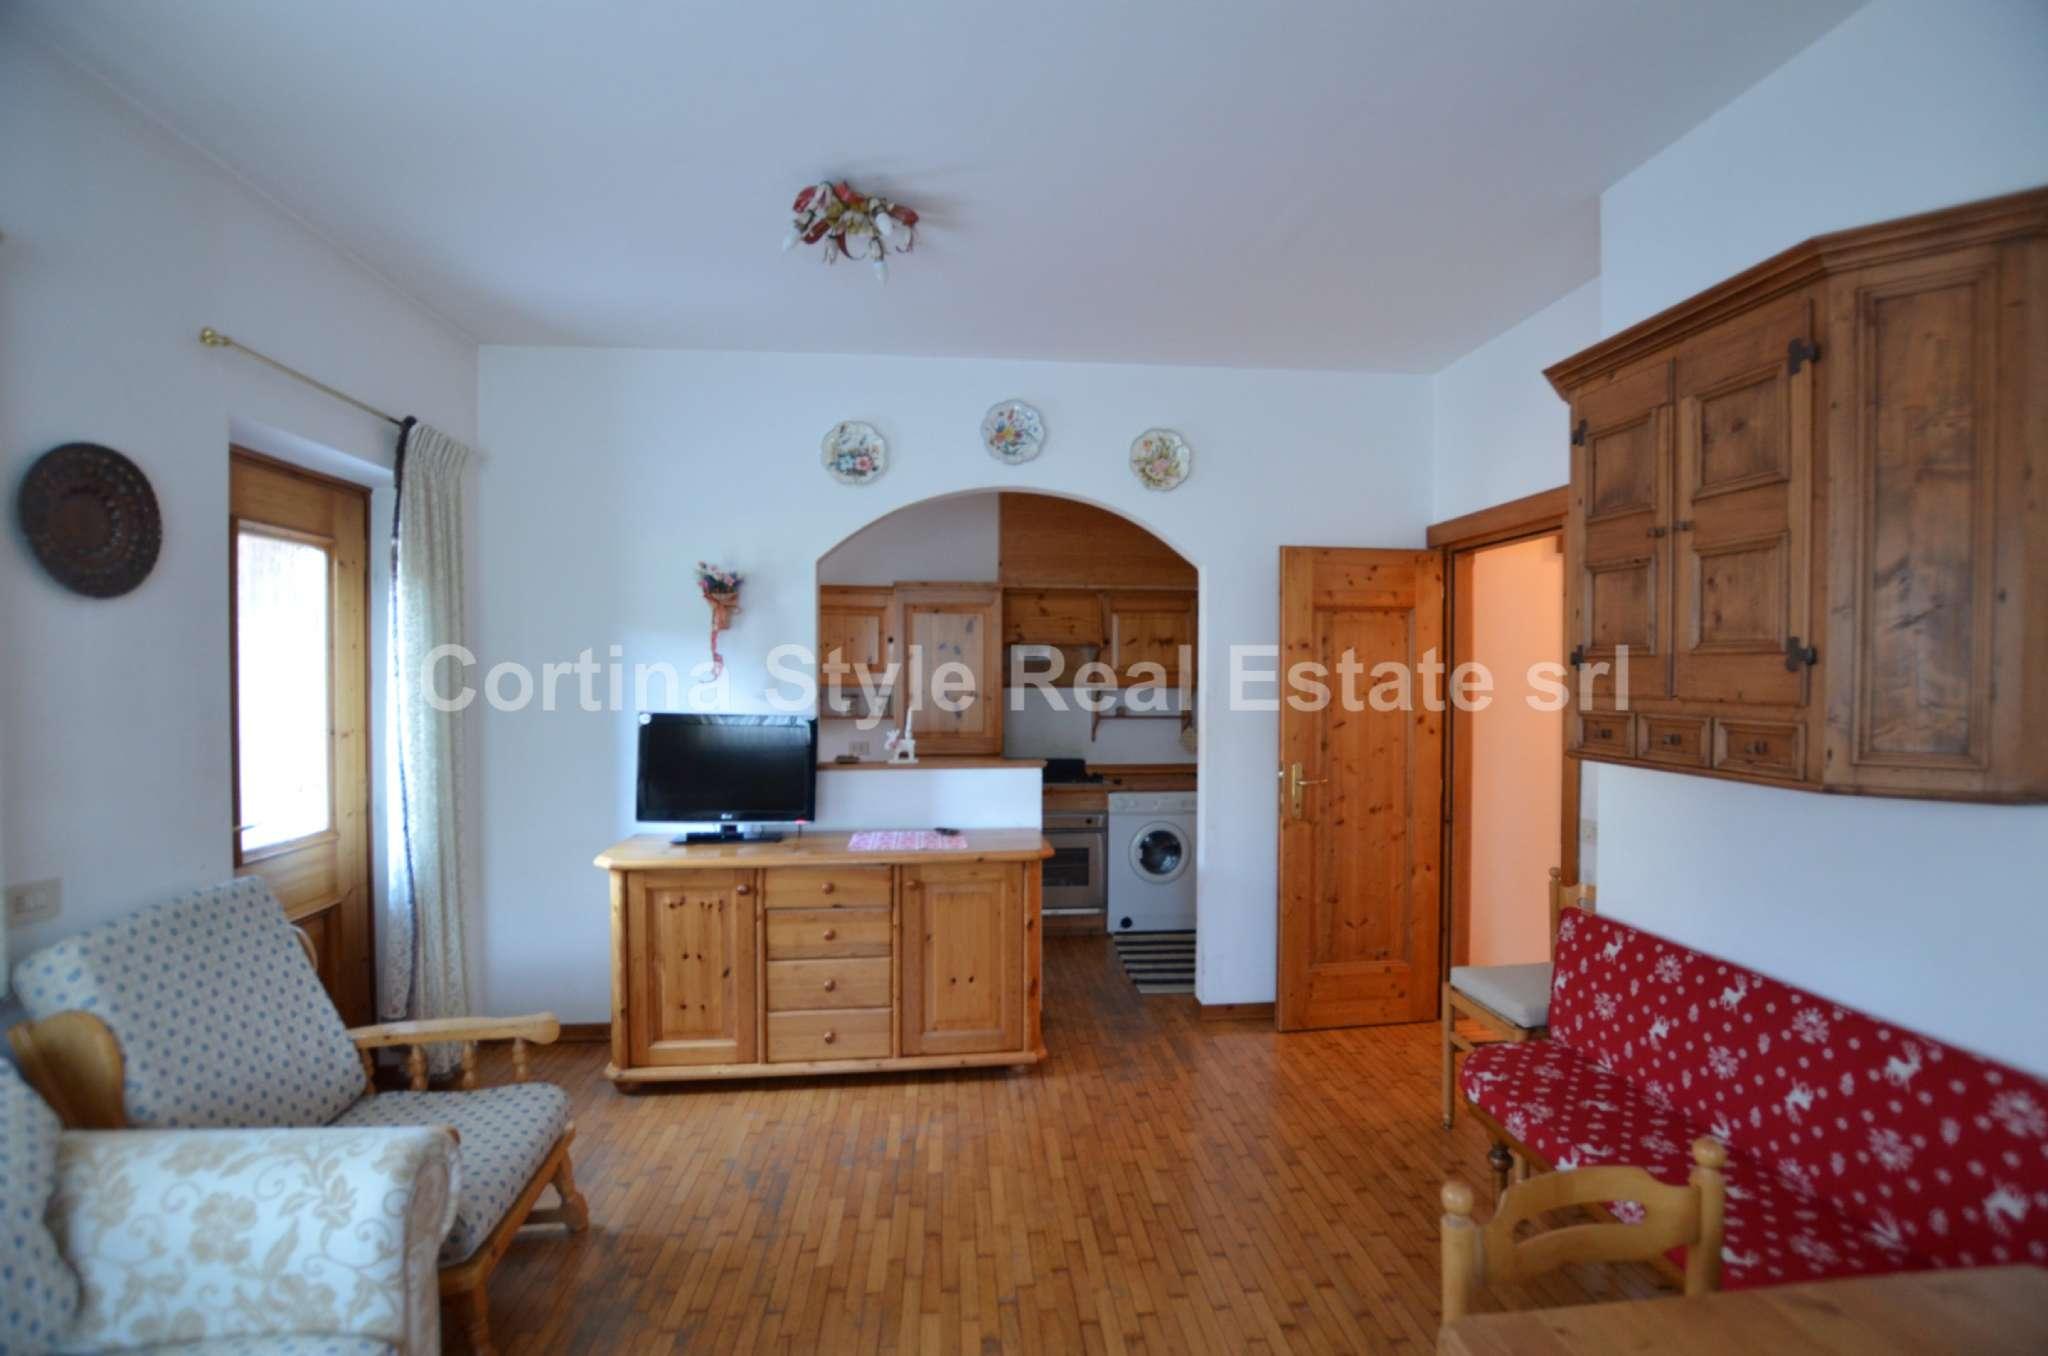 Appartamento in vendita a San Vito di Cadore, 6 locali, prezzo € 445.000 | CambioCasa.it